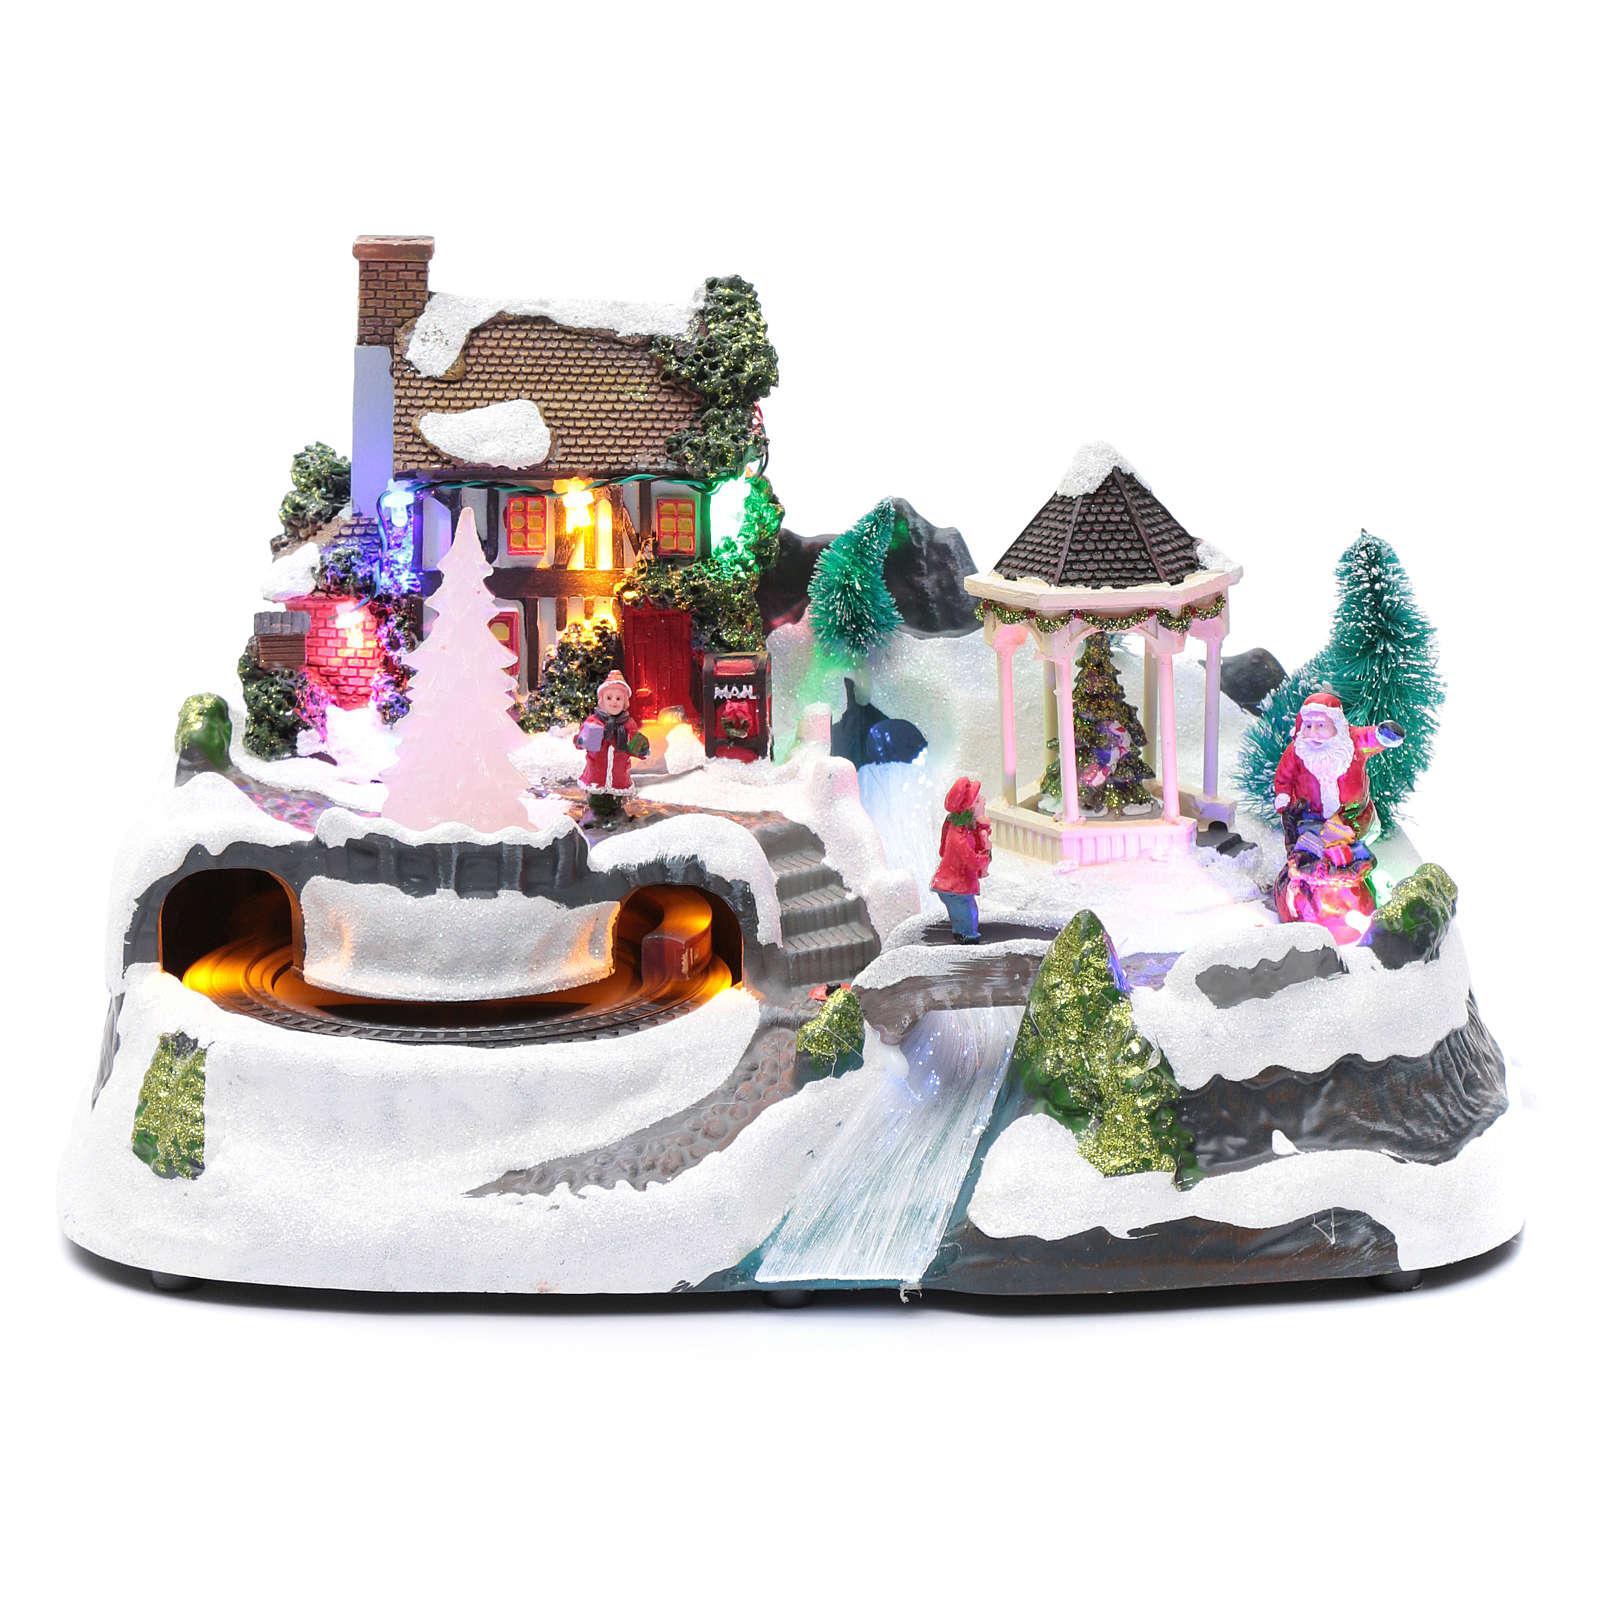 Villaggio natalizio luci musicale movim treno alberi natale 17X31X19 cm 3